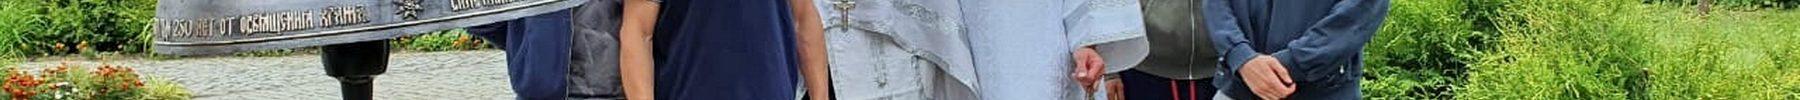 На колокольню Преображенского храма д. Спас-Каменка подняли три новых колокола